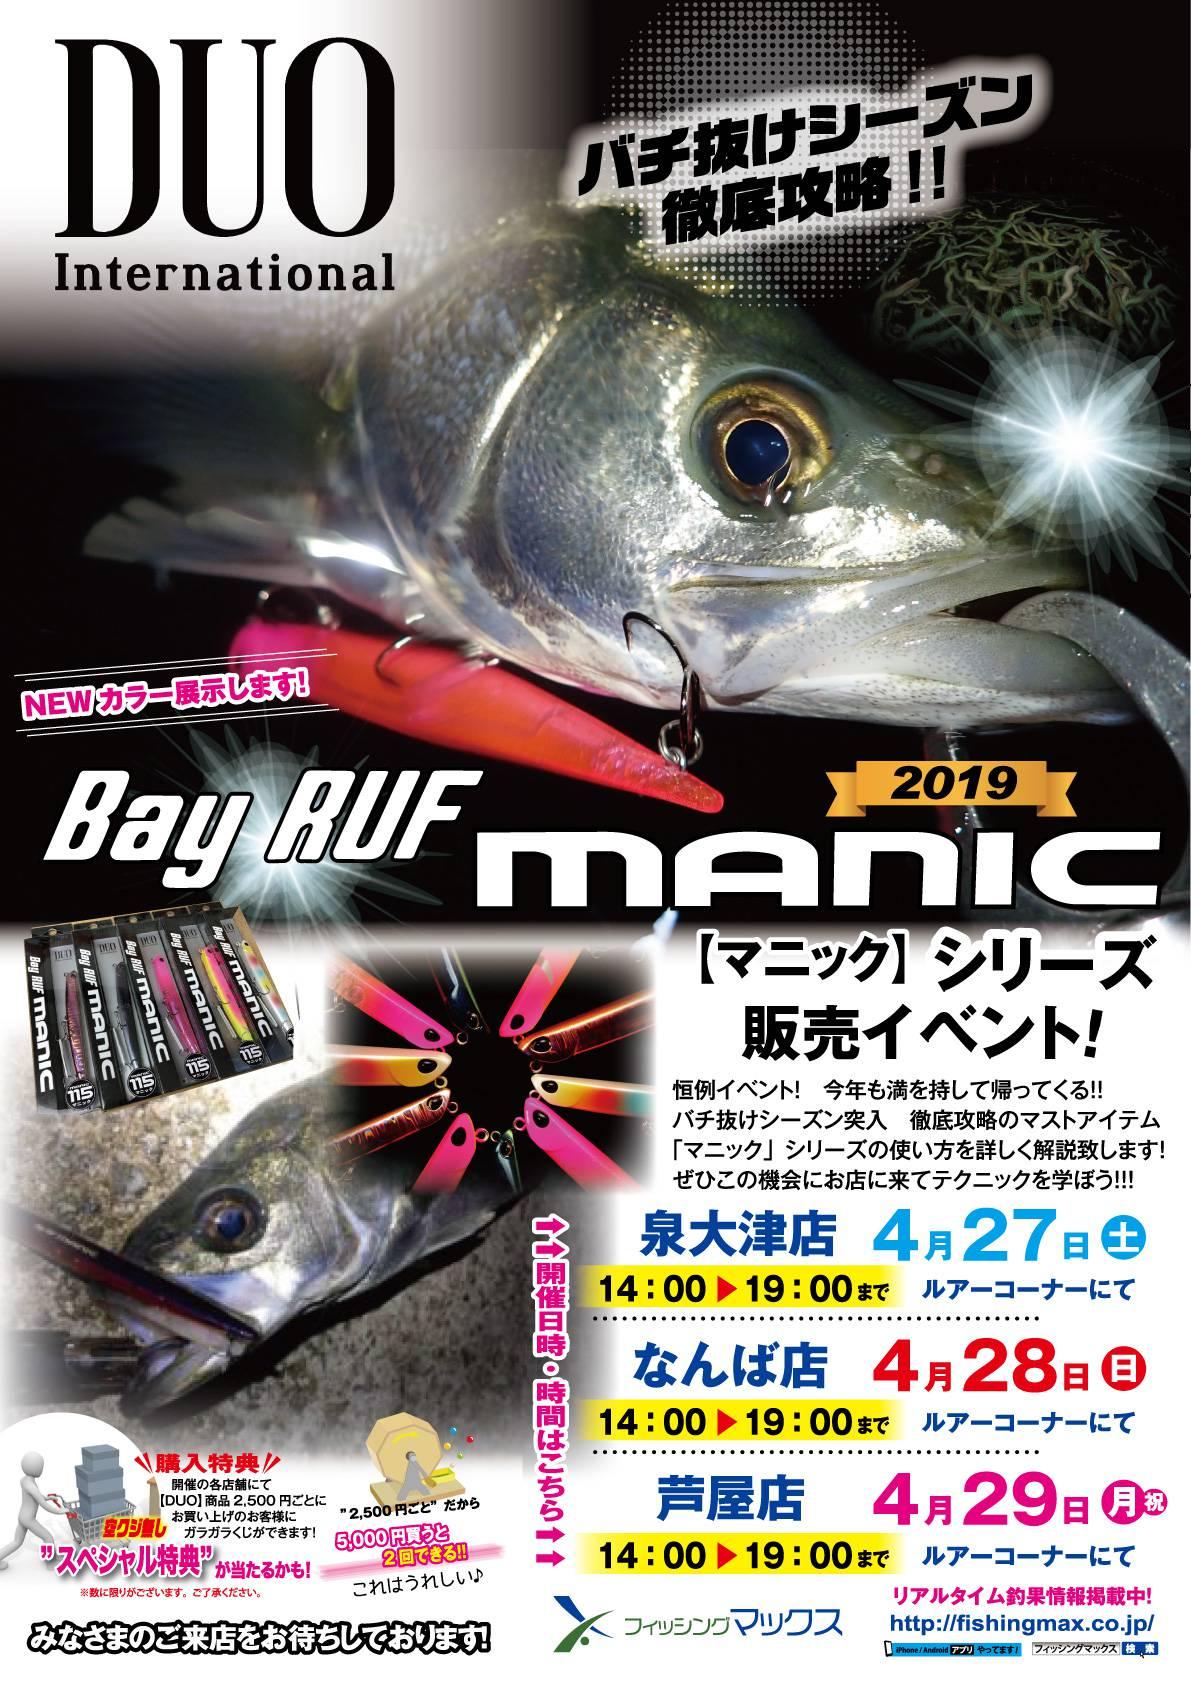 4月27日・28日・29日の3日間フィッシングマックス様にてマニックイベント開催!